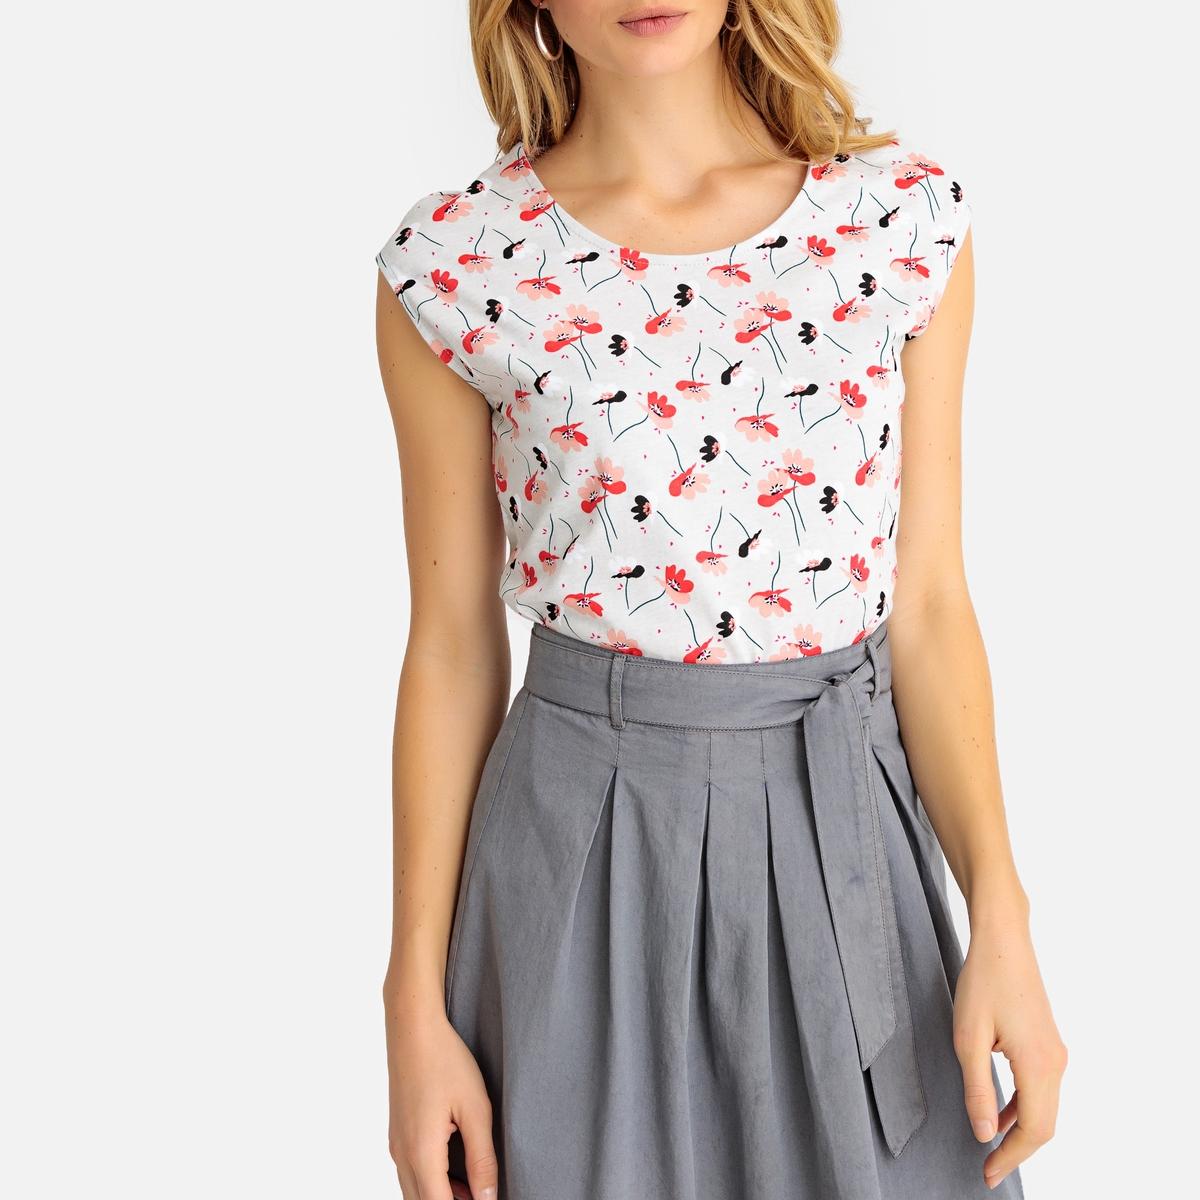 Imagen secundaria de producto de Camiseta estampada con cuello redondo, sin mangas - Anne weyburn